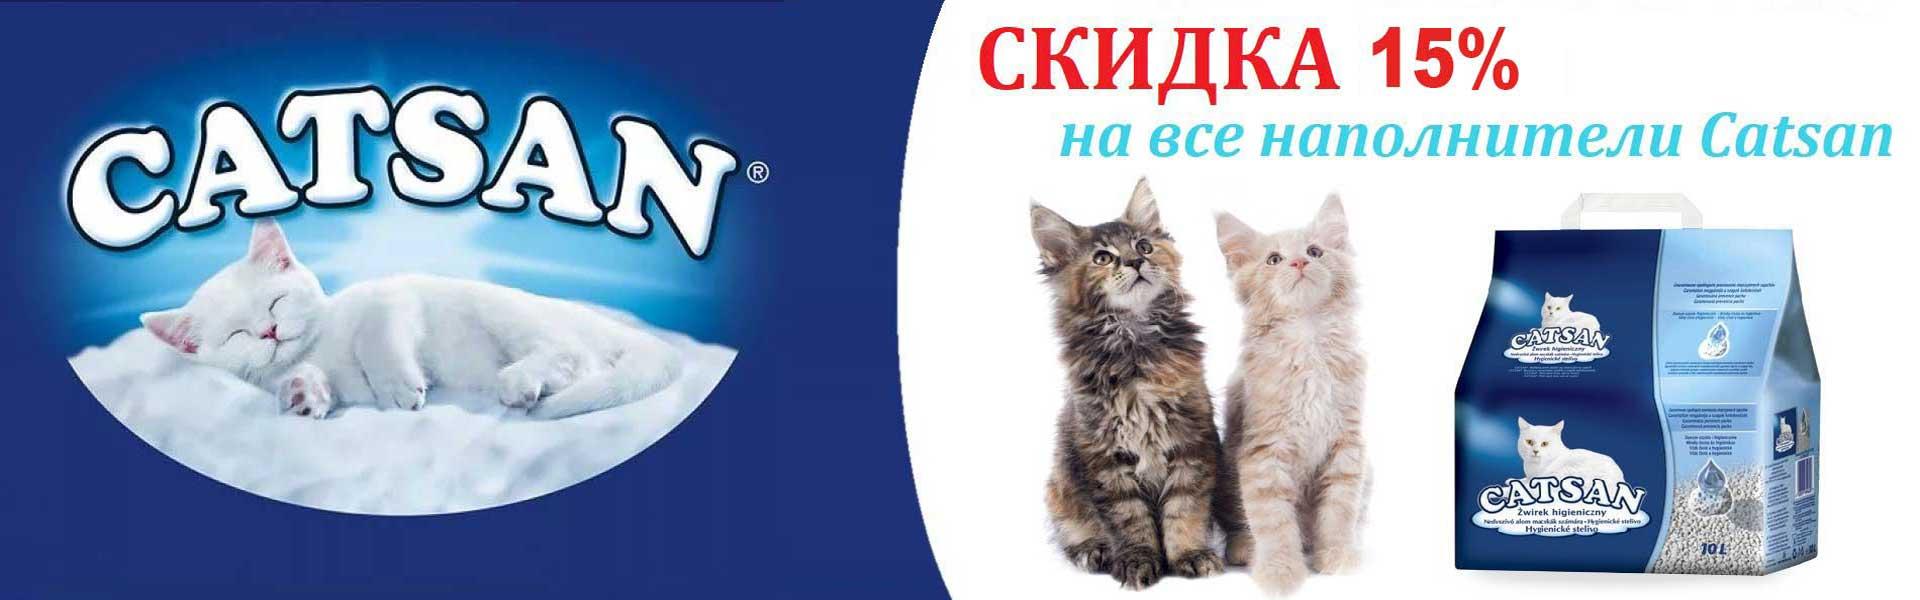 Catsan скидка 15%